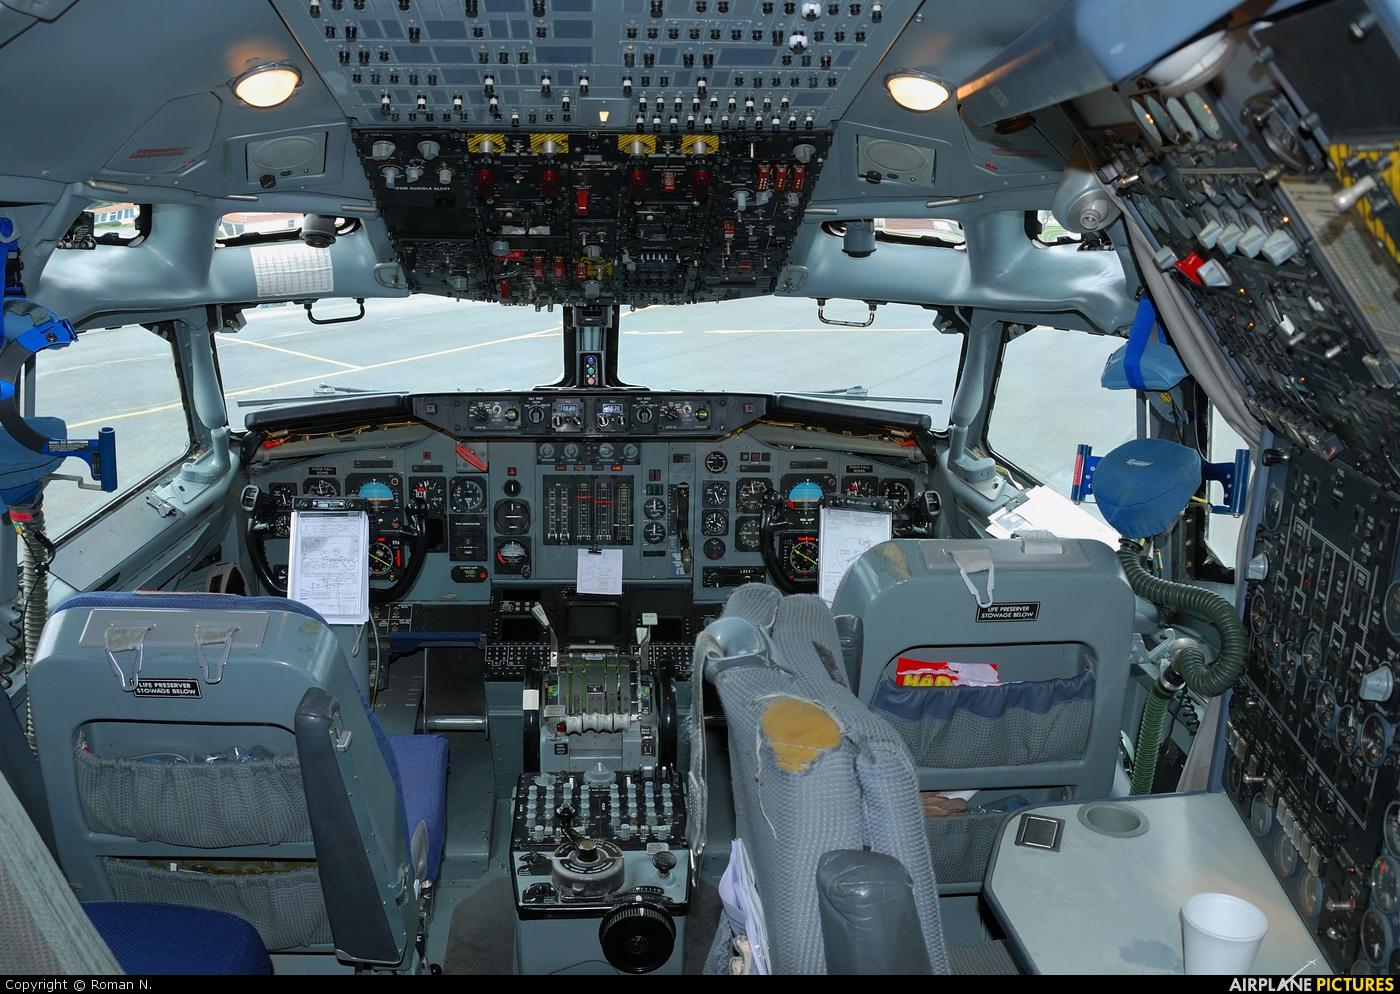 NATO LX-N90445 aircraft at Sliač